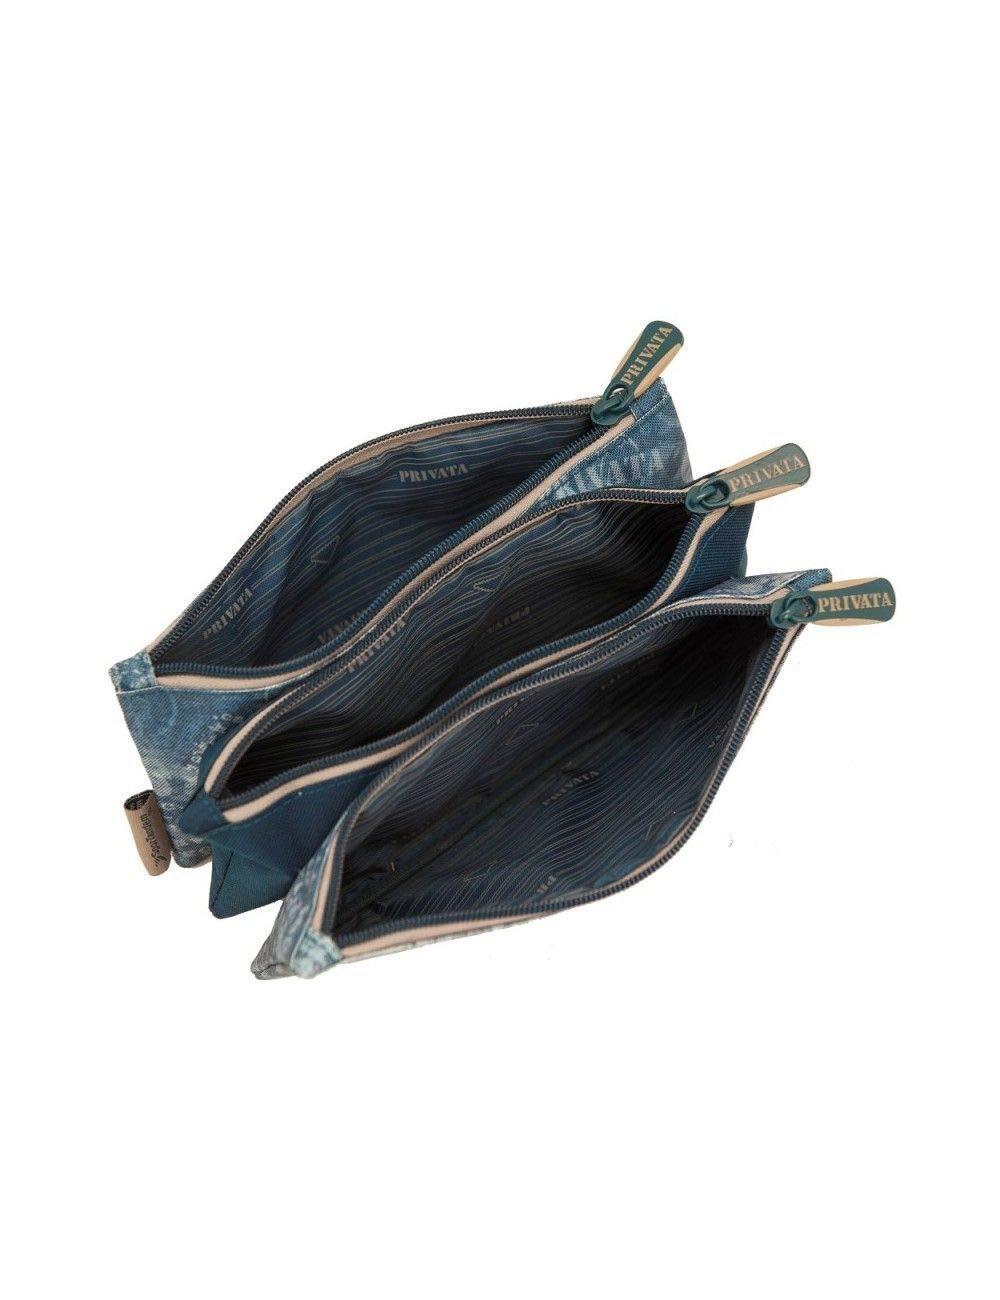 Privata West Estuche 3 bolsillos (23x11x4 cm)